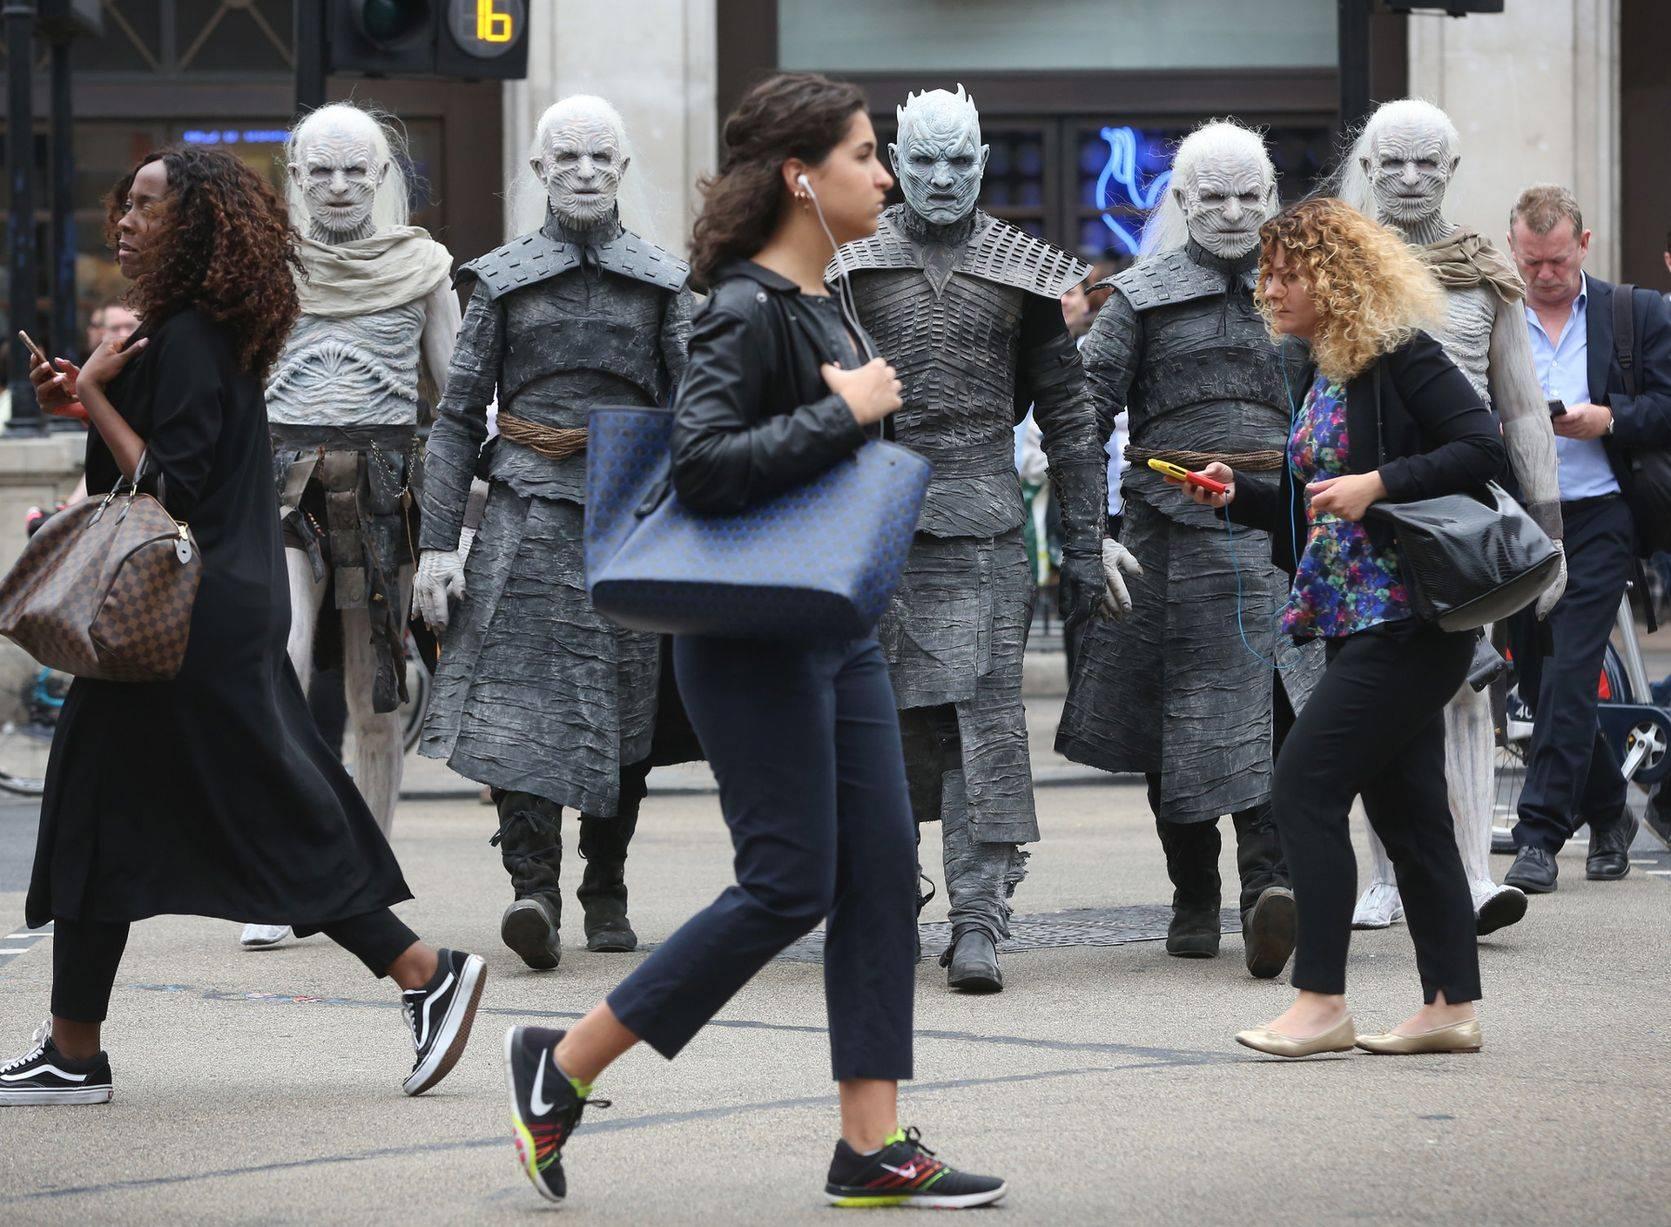 Фото: Белые ходоки из «Игры престолов» прошлись по Лондону 7